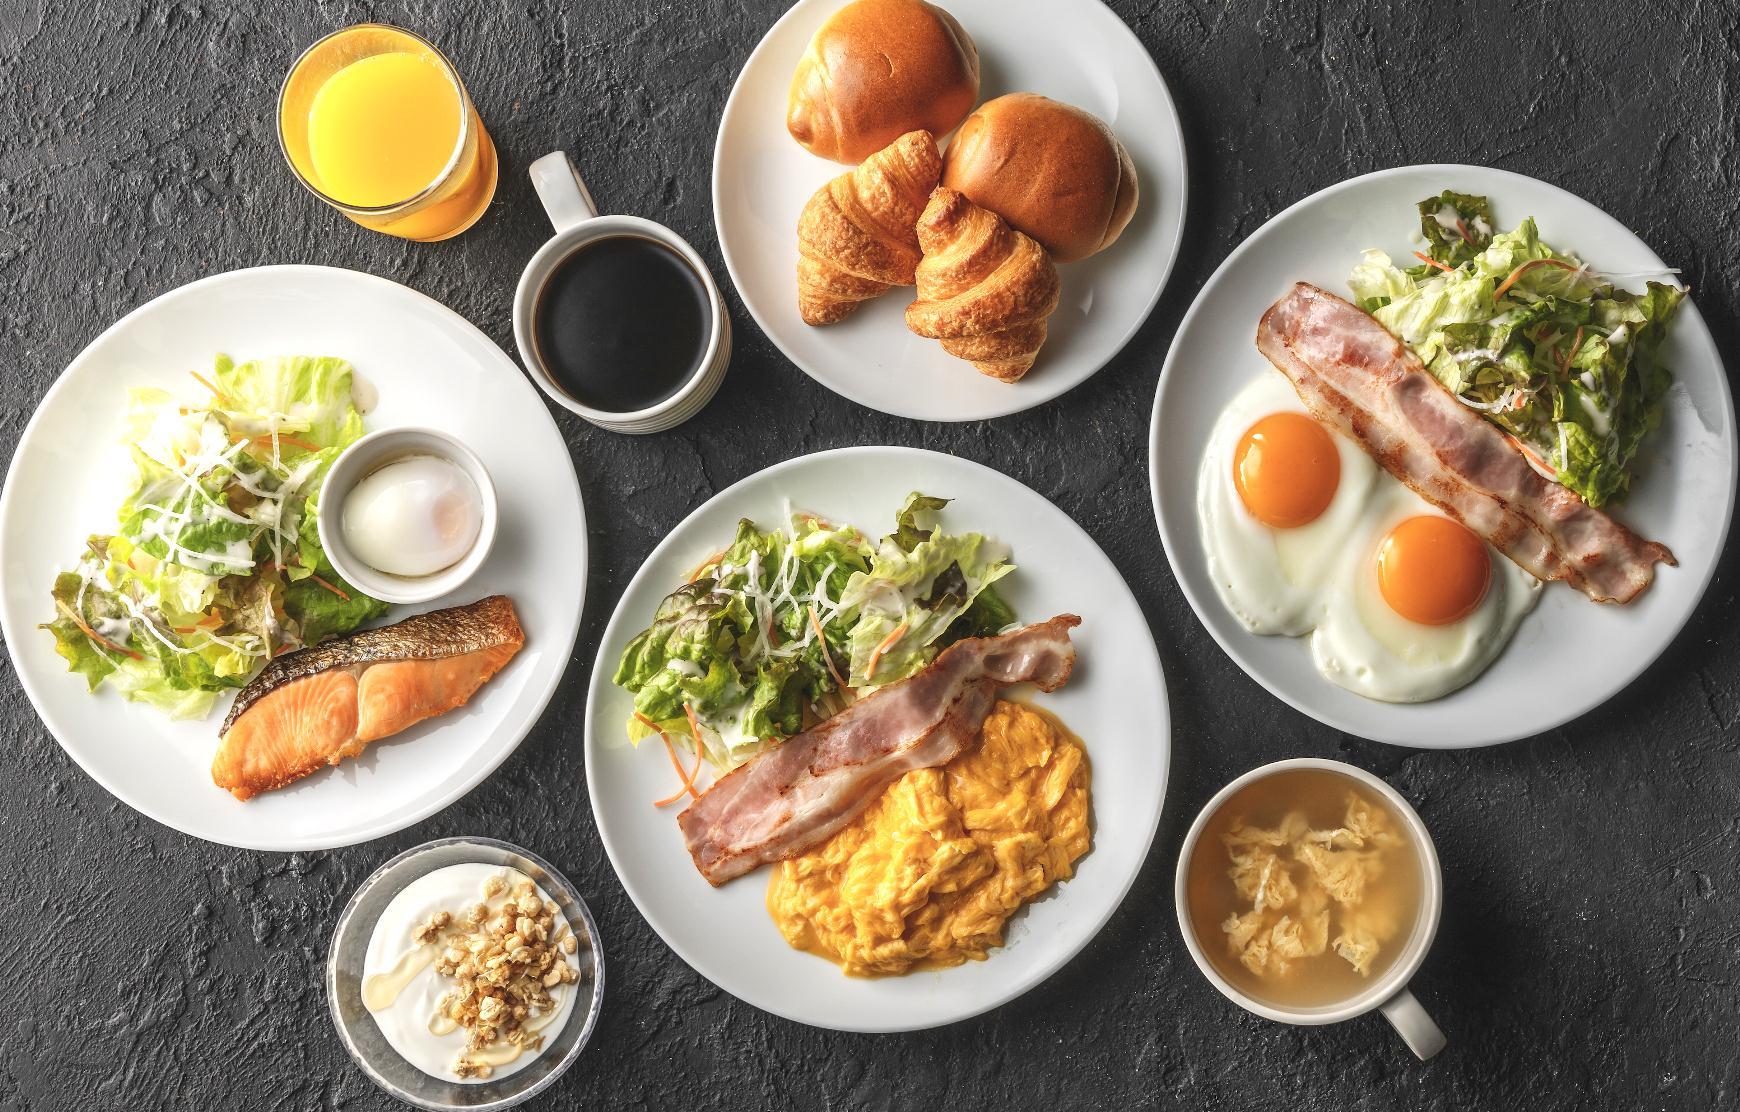 ホテルのレストランで、ちょっと贅沢な朝ごはんを楽しみませんか